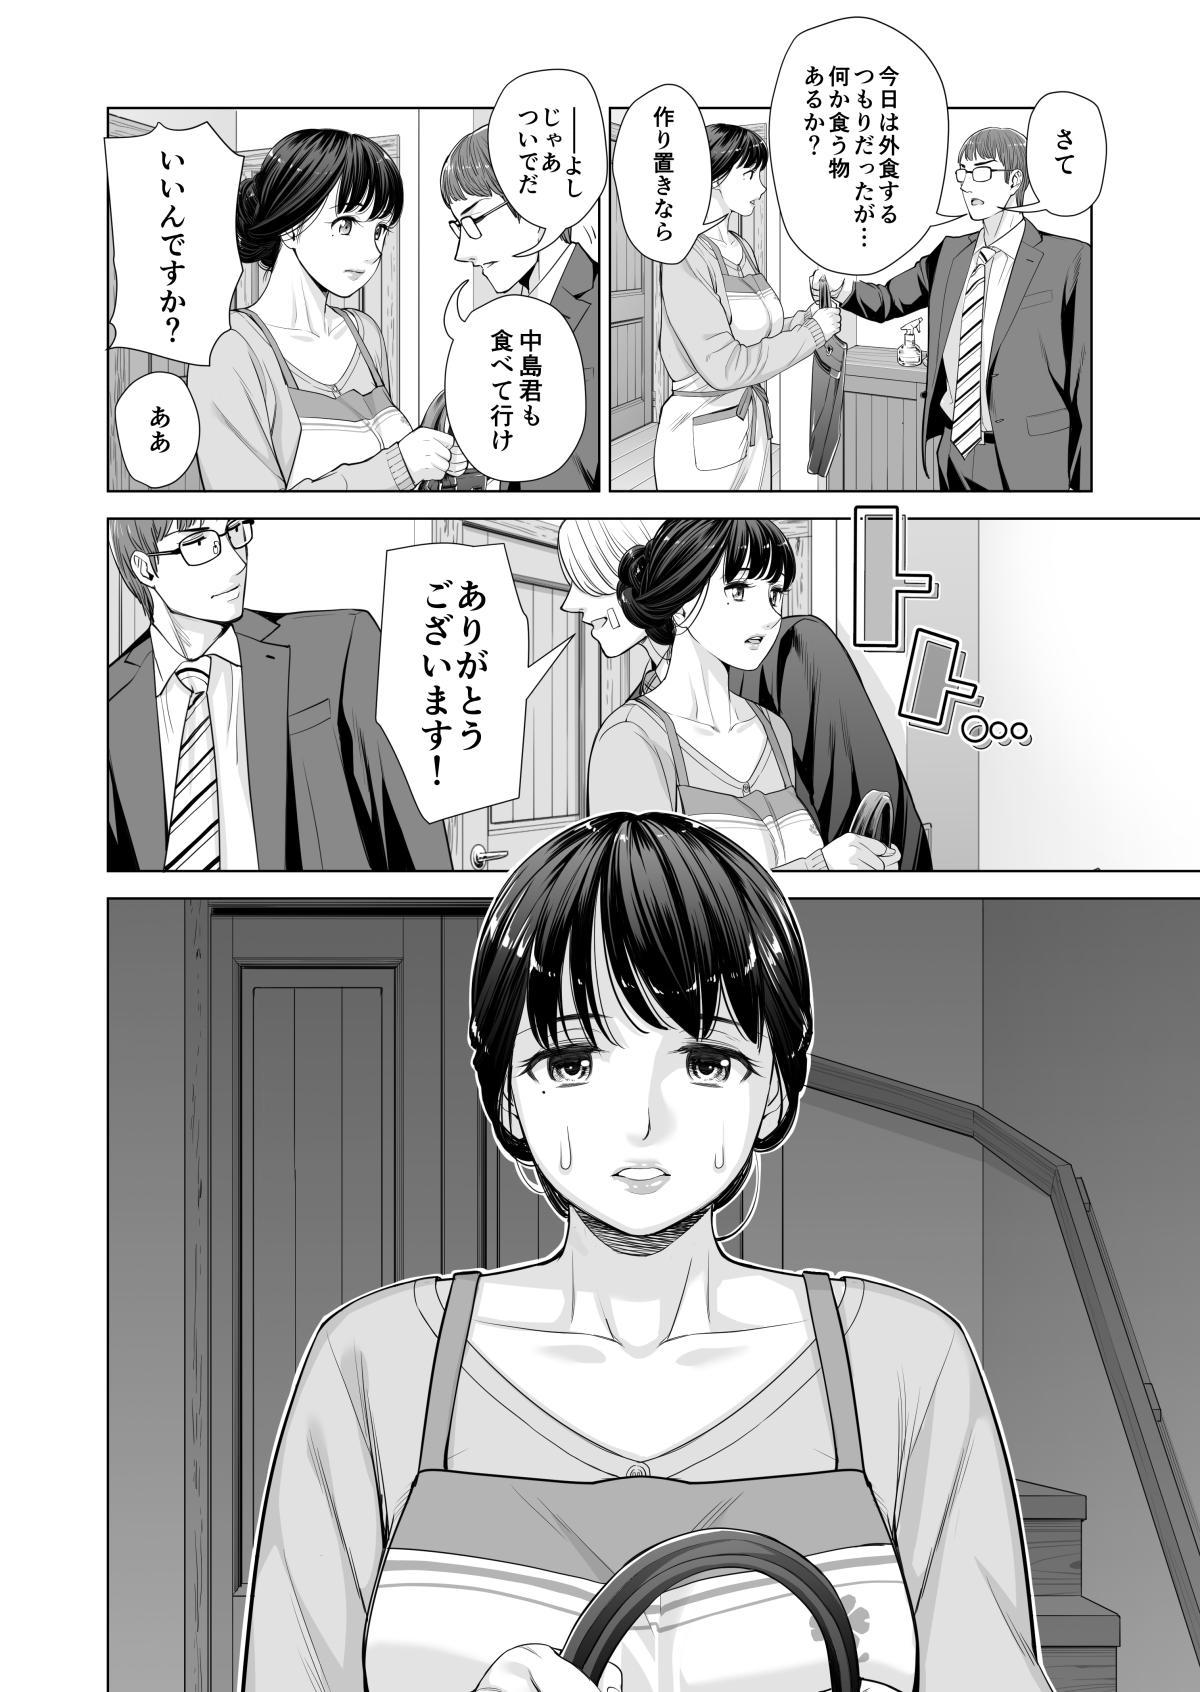 Tsukiyo no Midare Sake 28